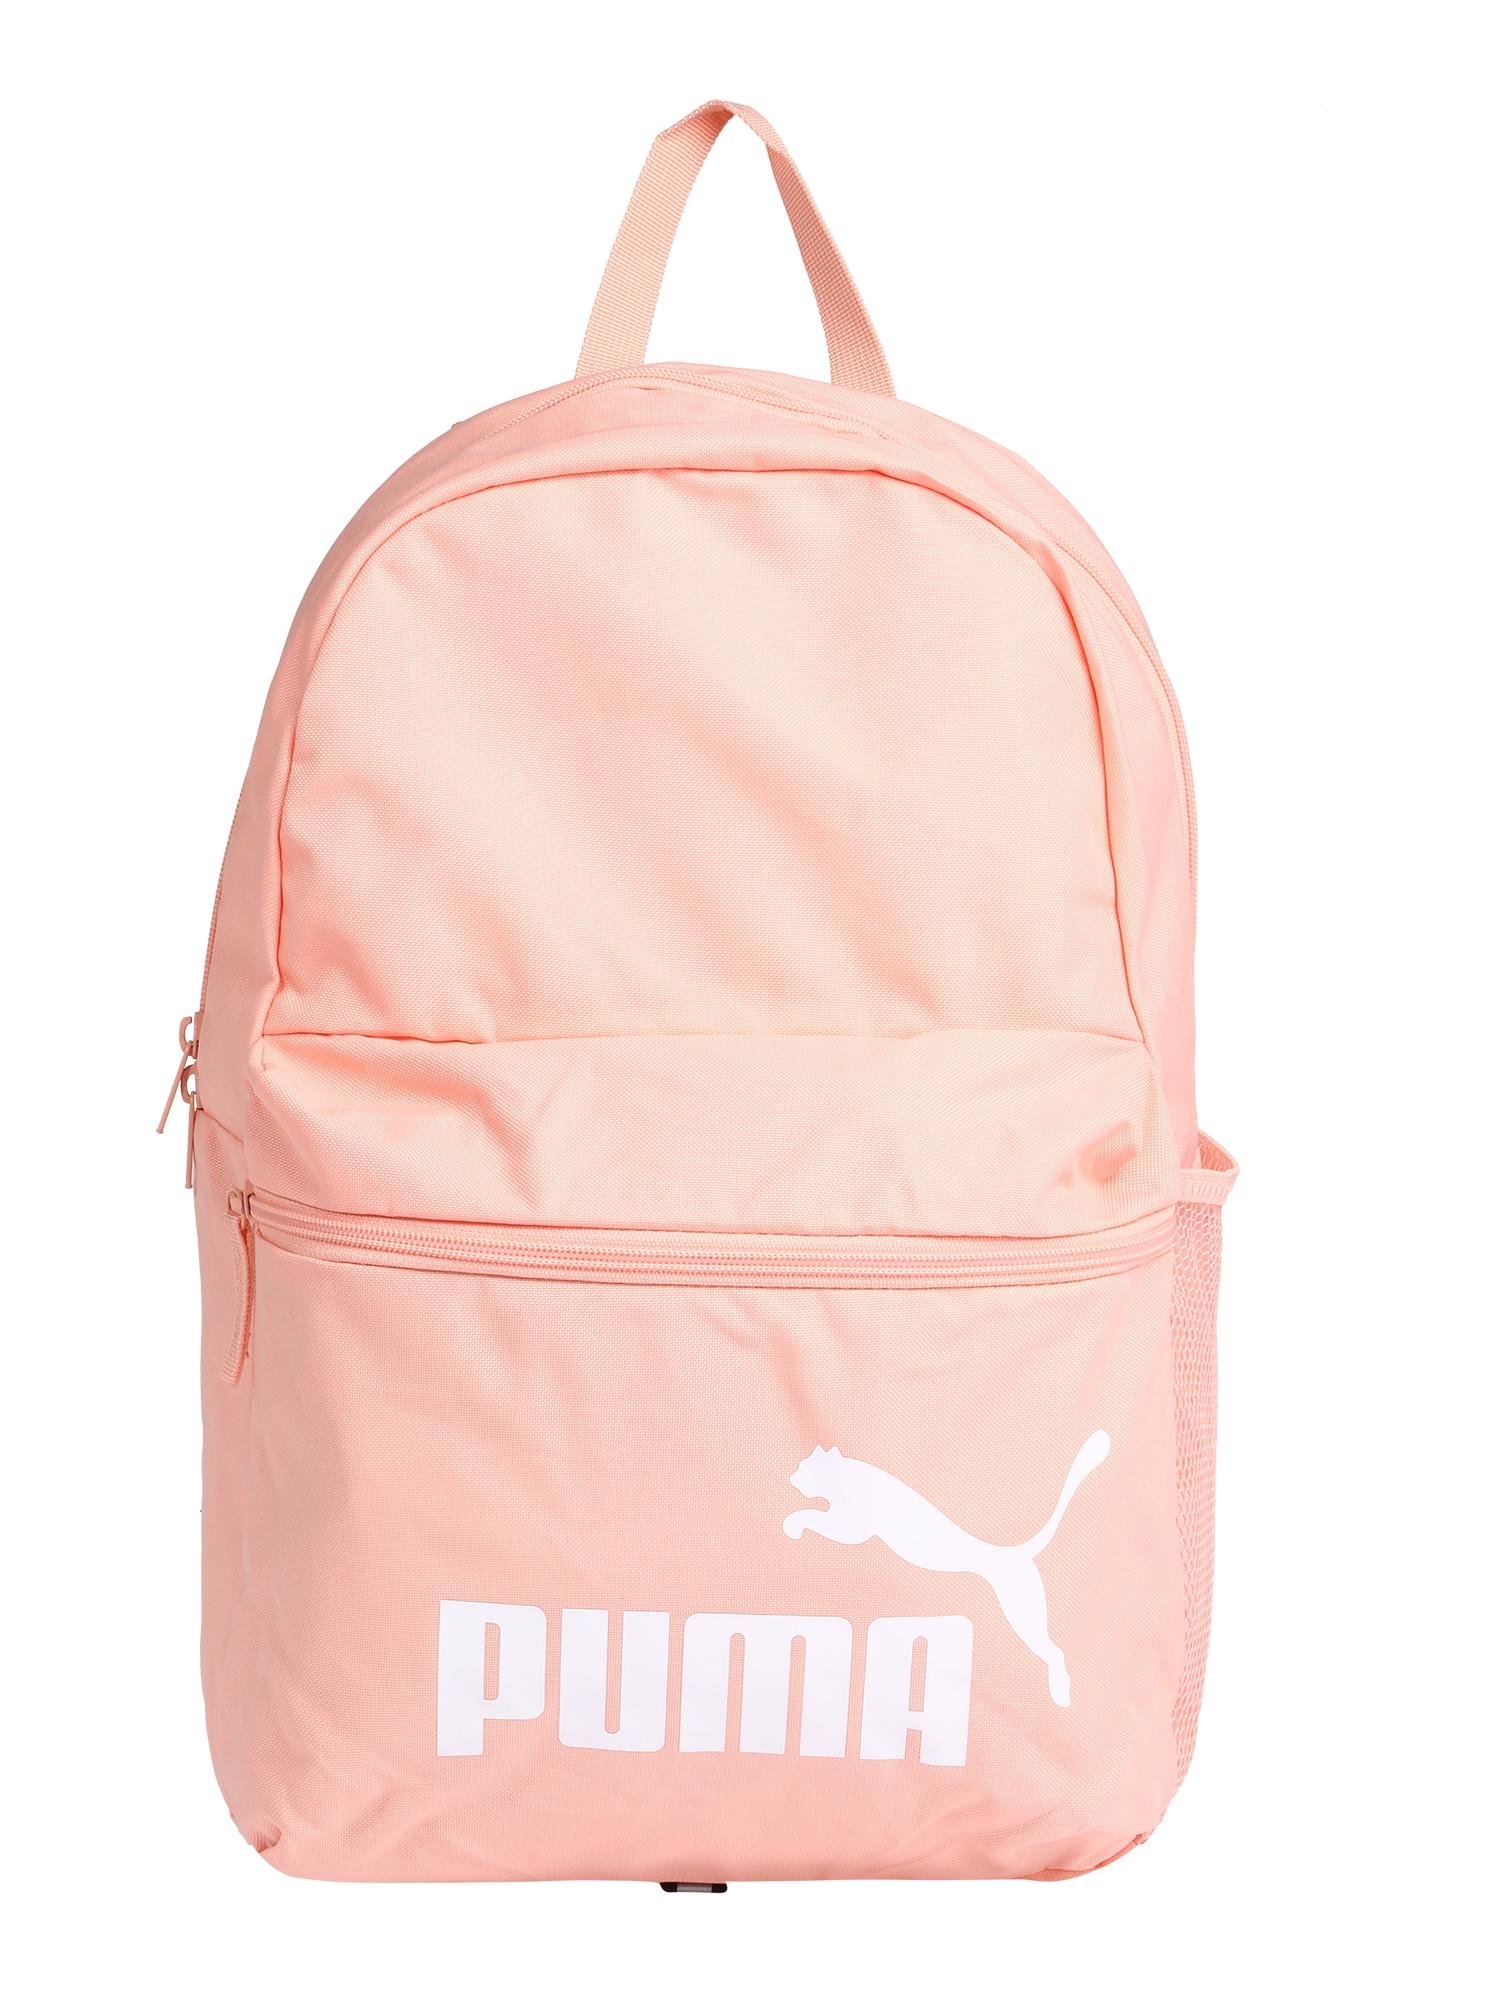 PUMA Sportinė kuprinė 'Phase' abrikosų spalva / balta